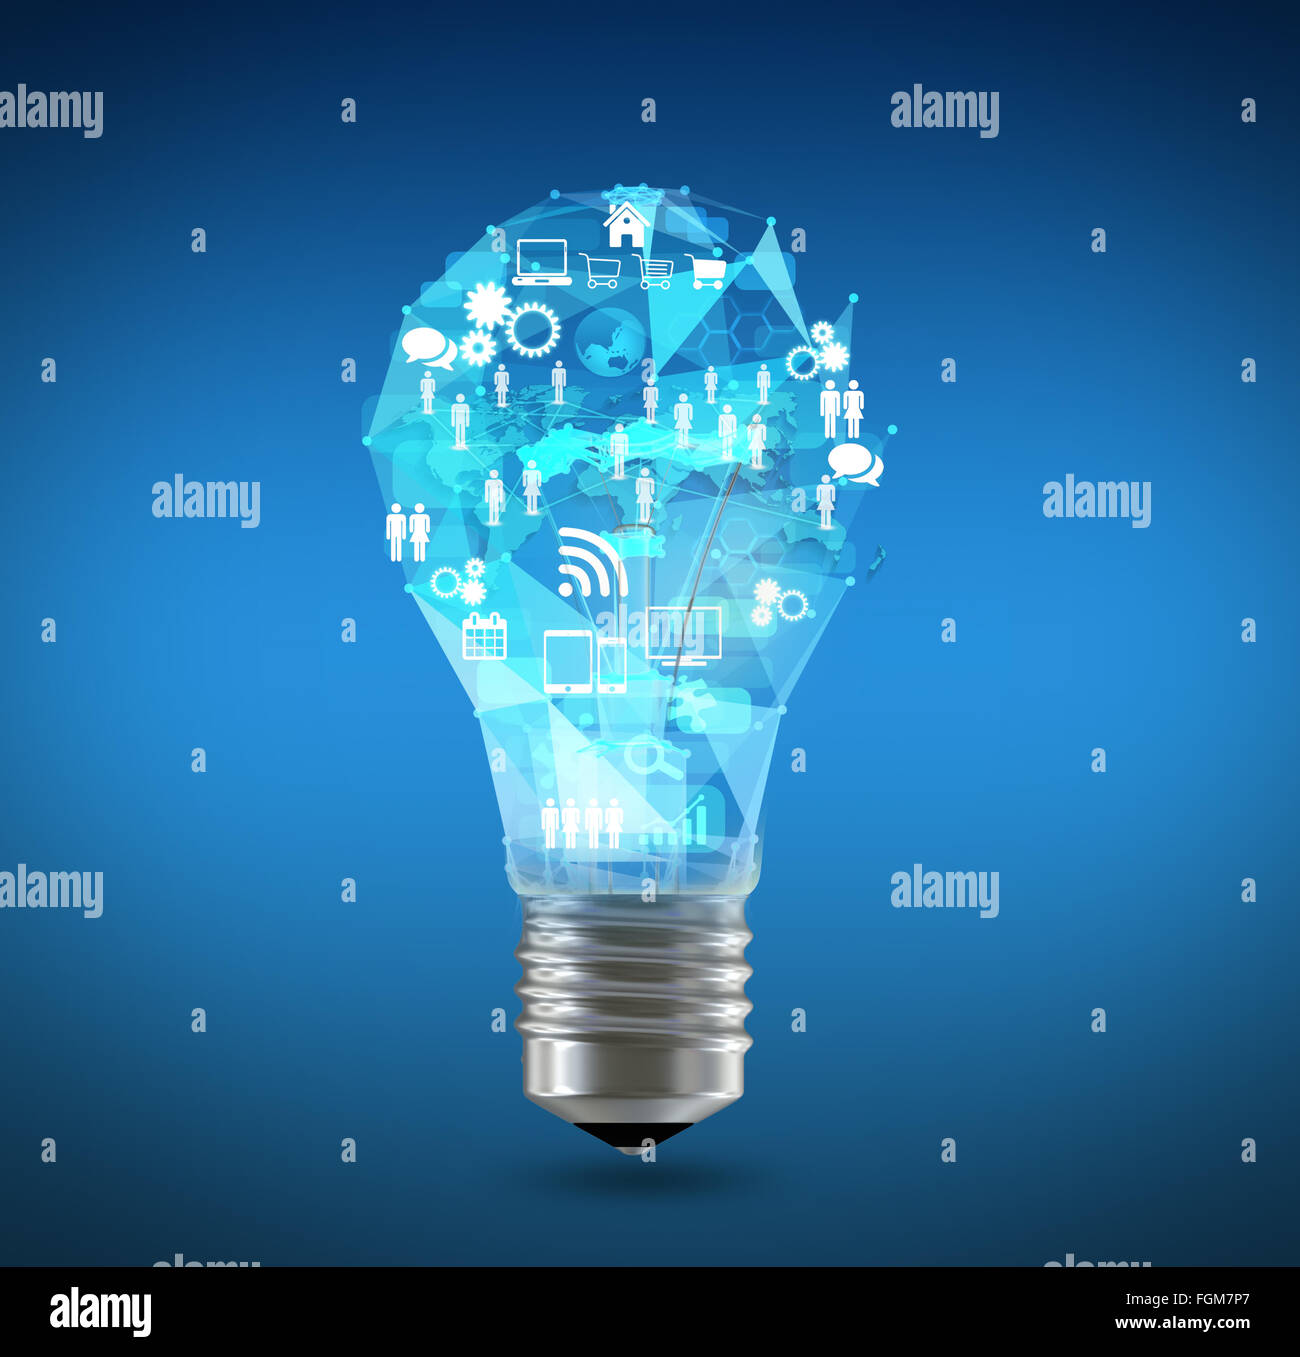 Le icone della lampada e la mappa del mondo nella parte superiore Immagini Stock